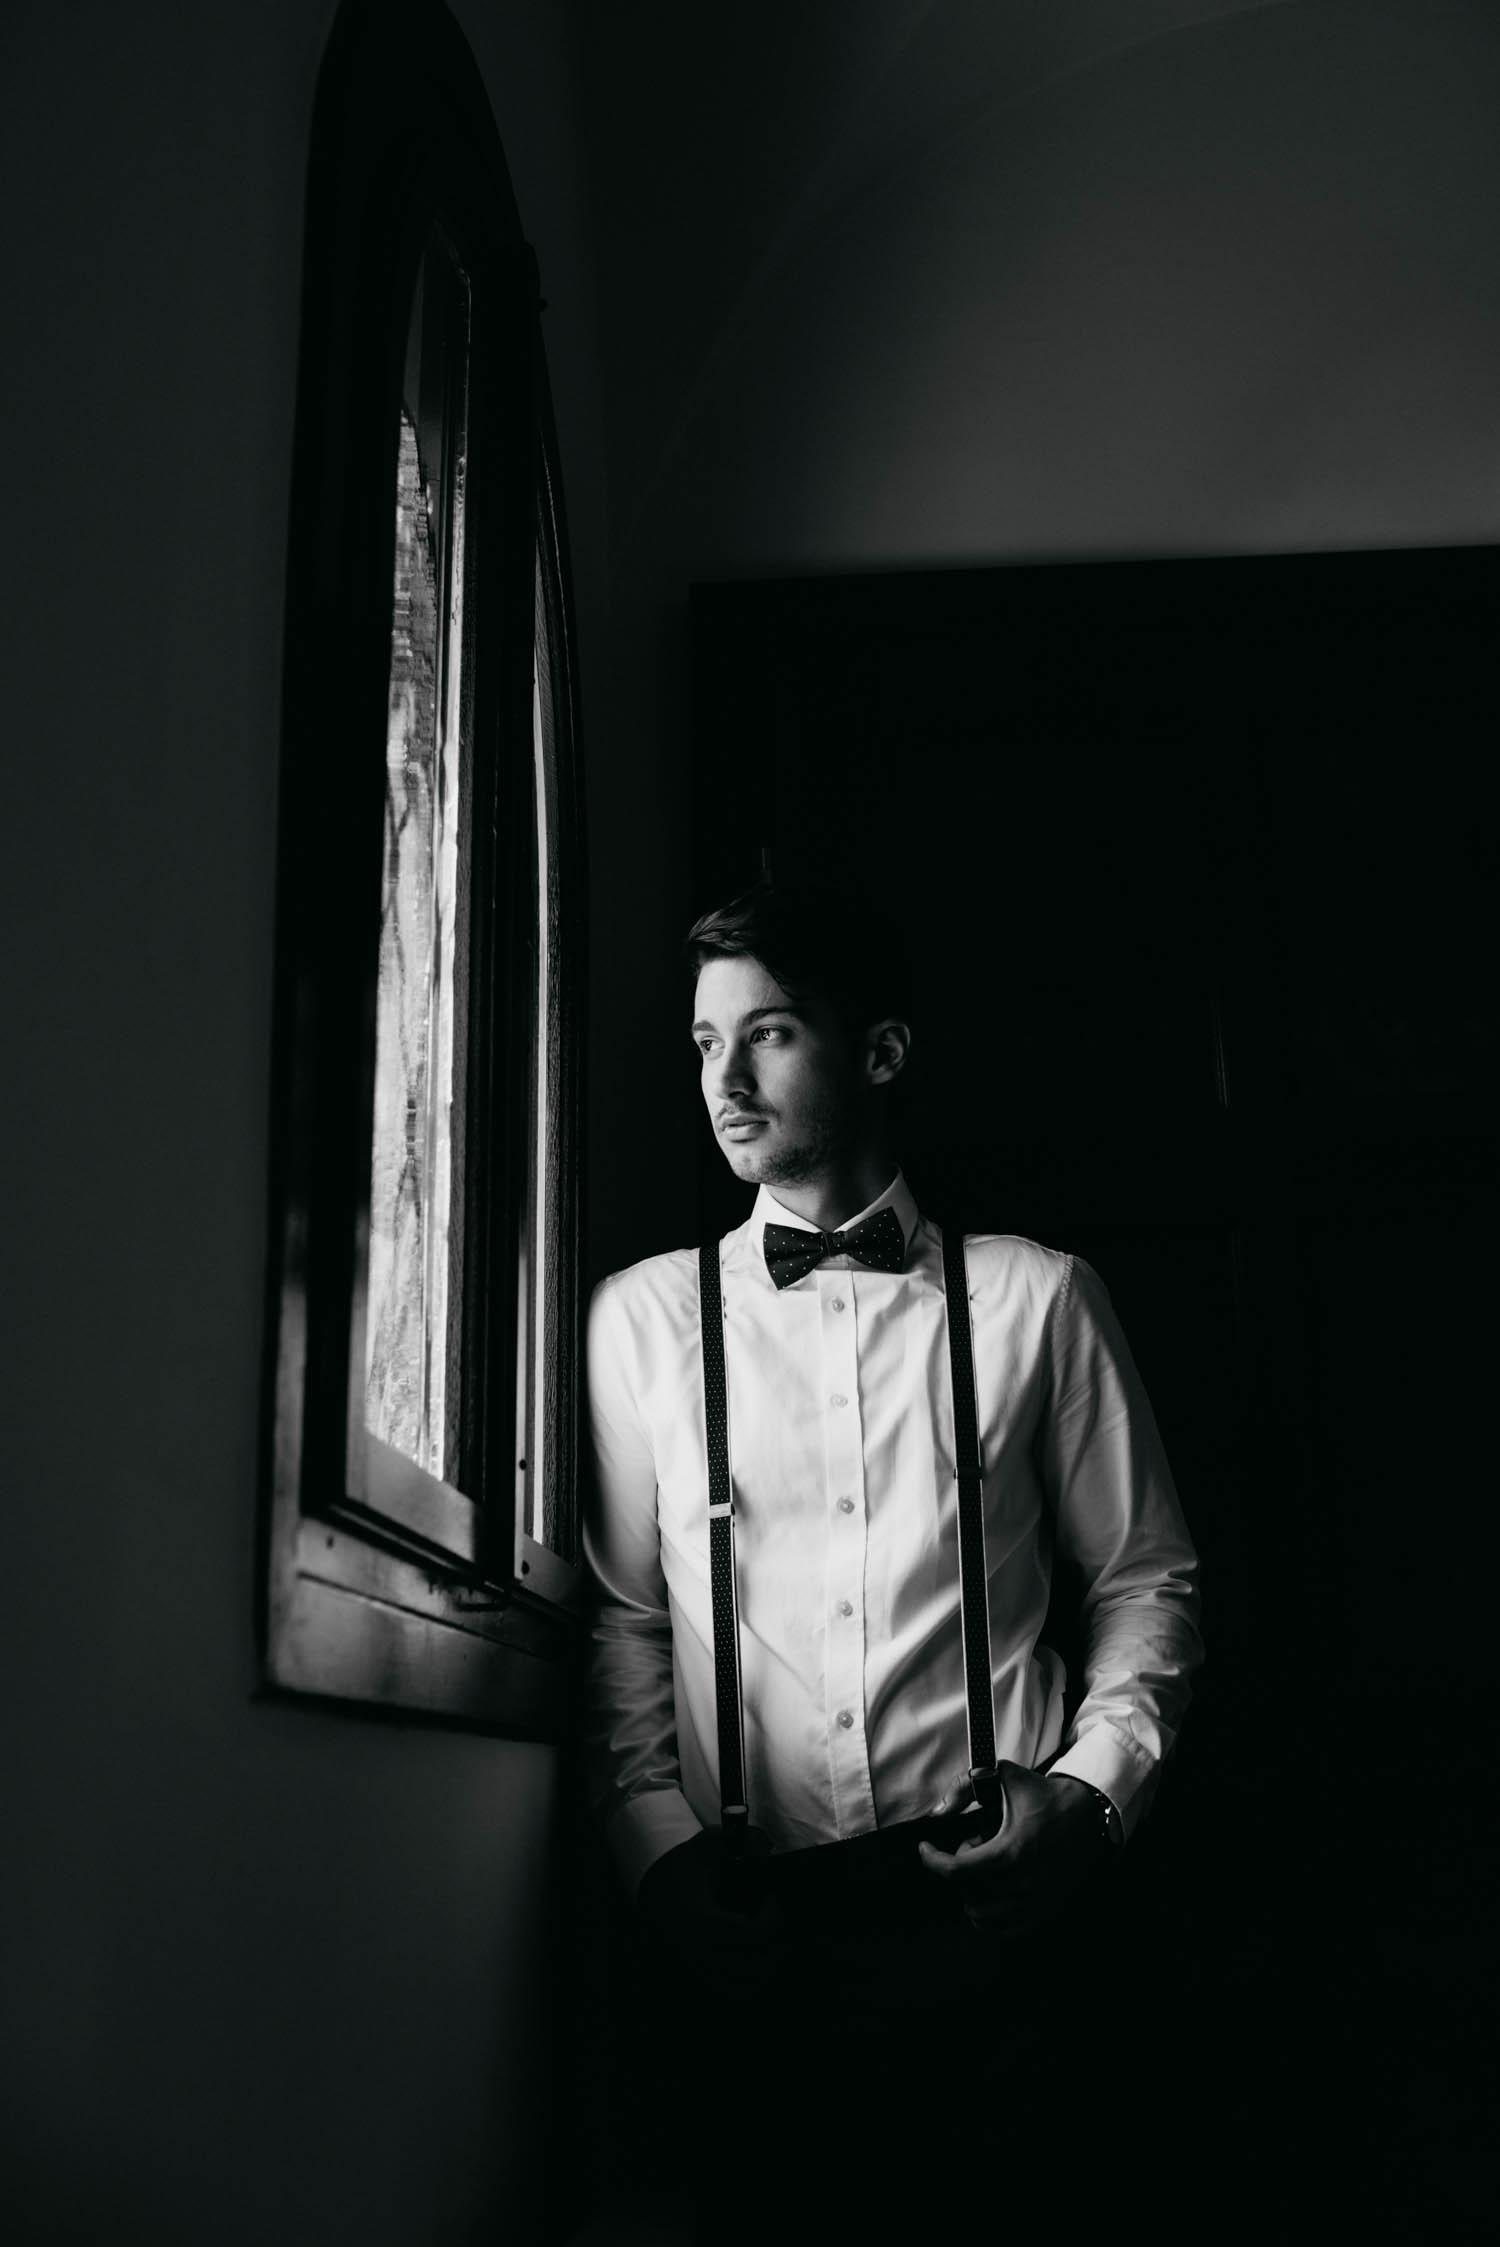 wewillweddings-hochzeitsfotografen-schloss-m__nchstein-salzburg-wien-tirol-__sterreich-piaemil-30 Hochzeitstipps Teil 1 - Das Getting Ready